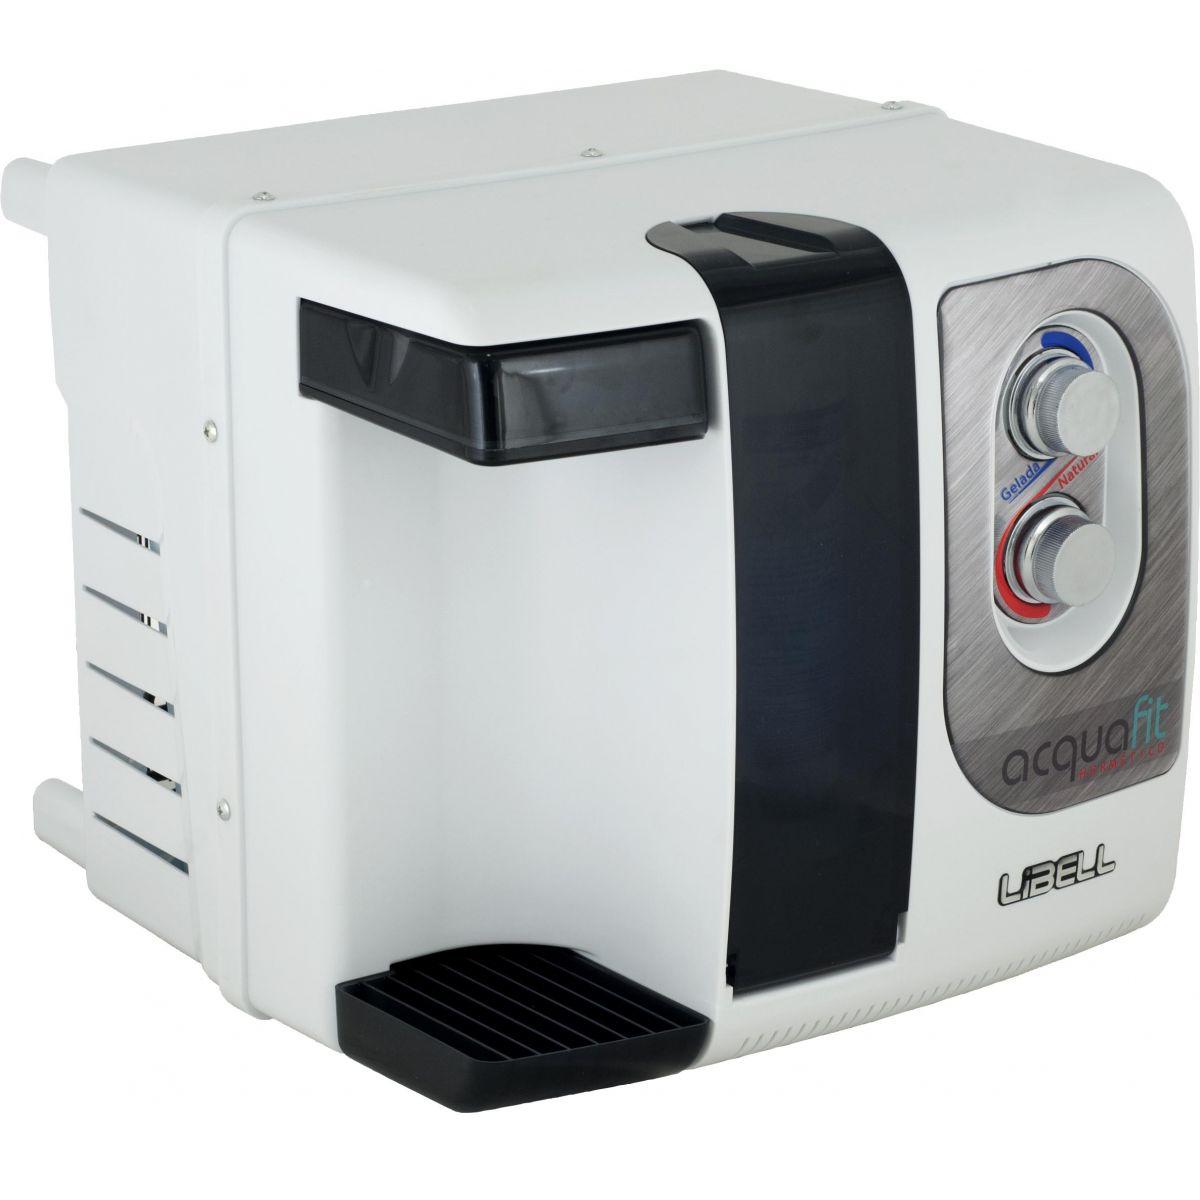 Purificador Hermético Branco Libell Acqua-Fit 220V Compacto, 3 etapas de filtragem